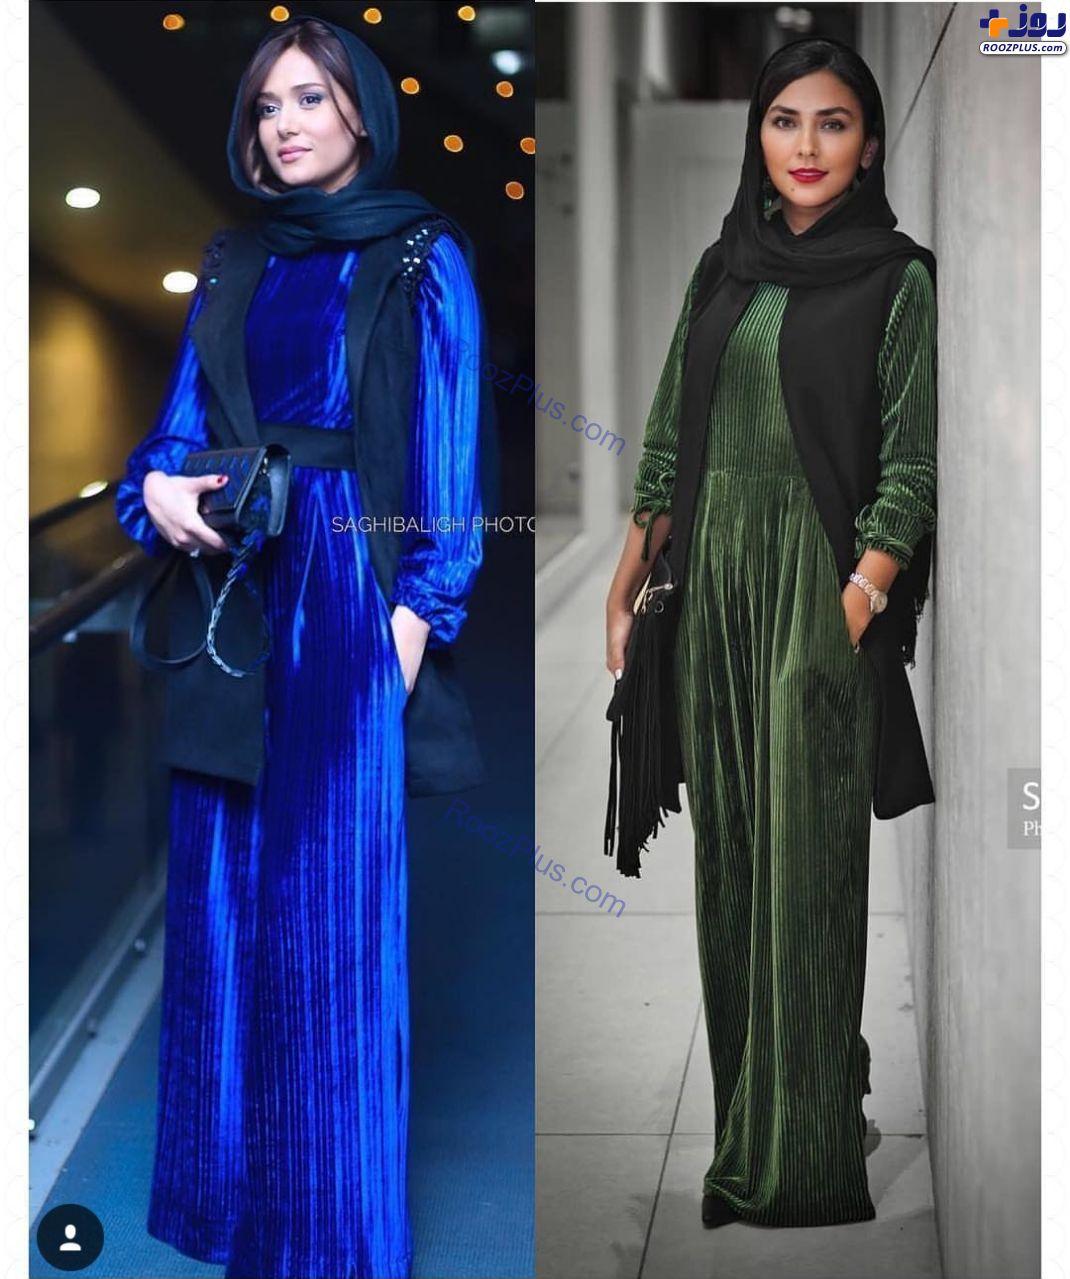 لباس یکسان دو بازیگر زن در جشنواره+عکس